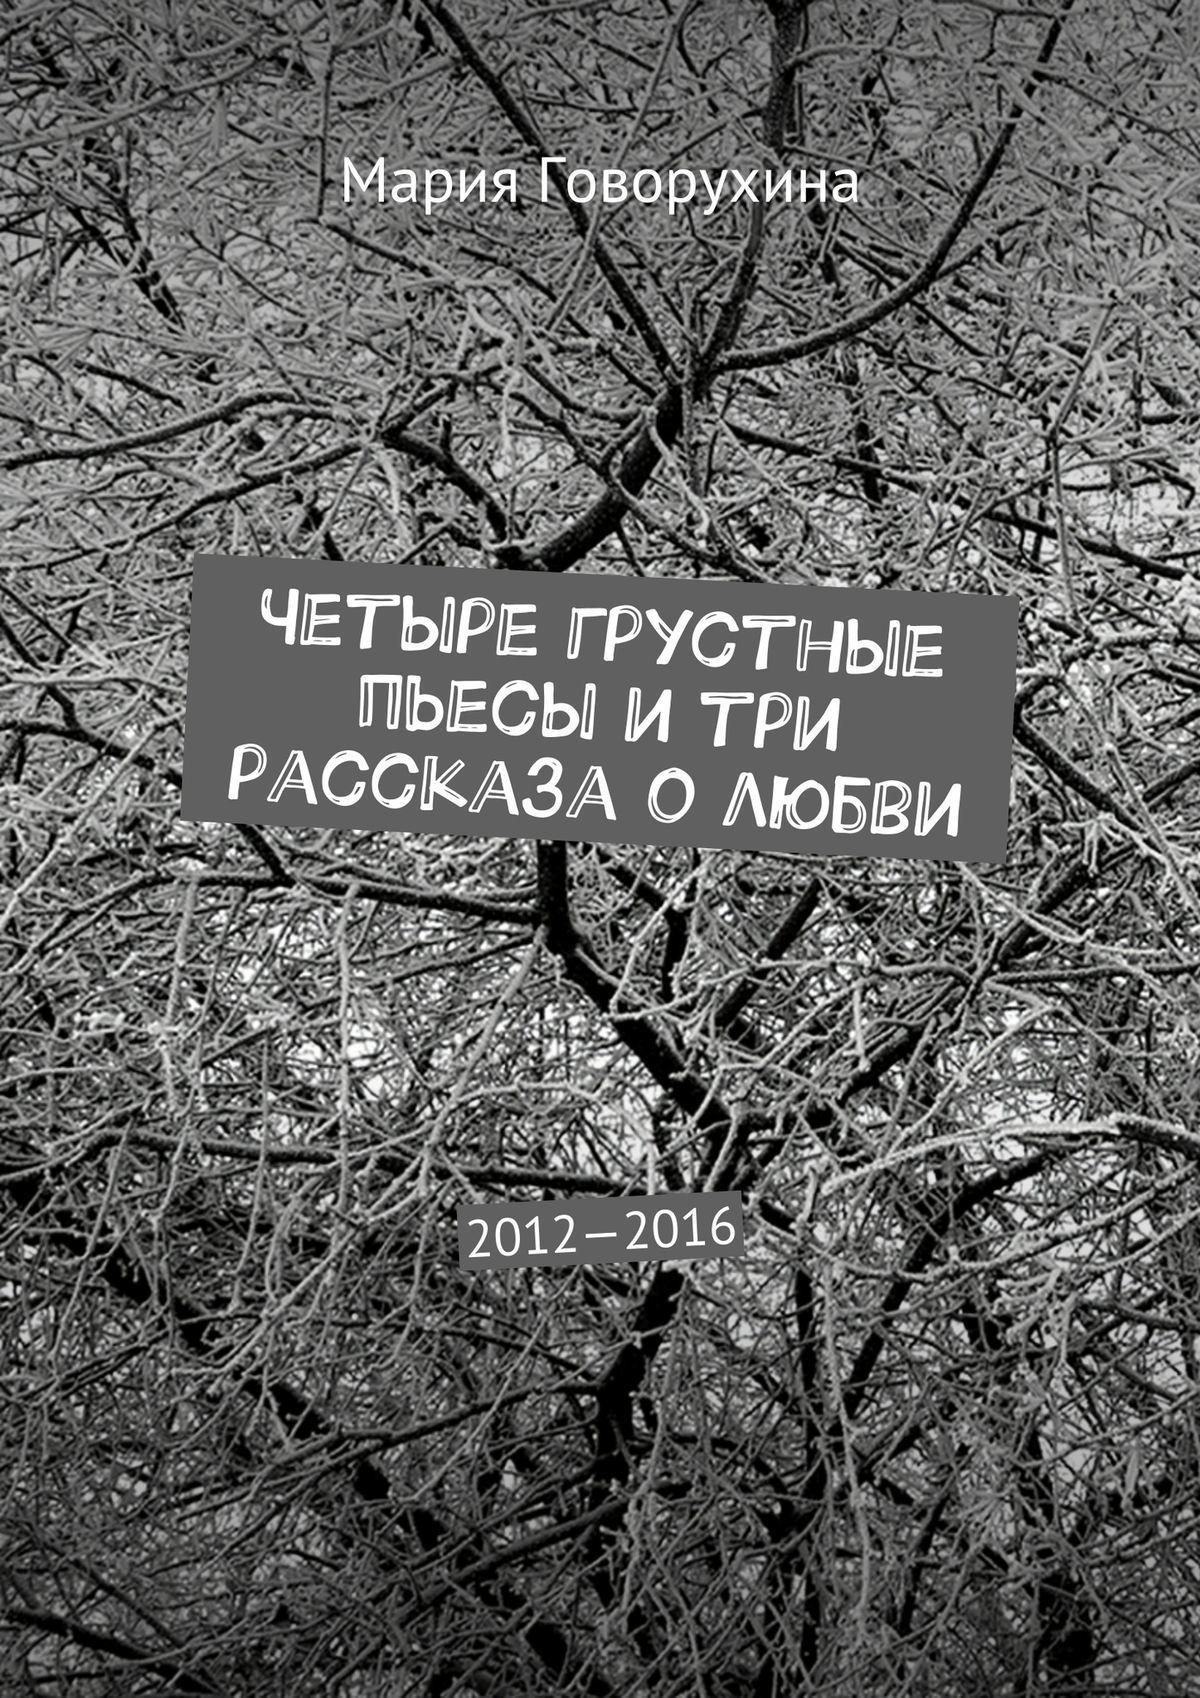 Мария Говорухина Четыре грустные пьесы и три рассказа о любви. 2012—2016 лучшие пьесы 2012